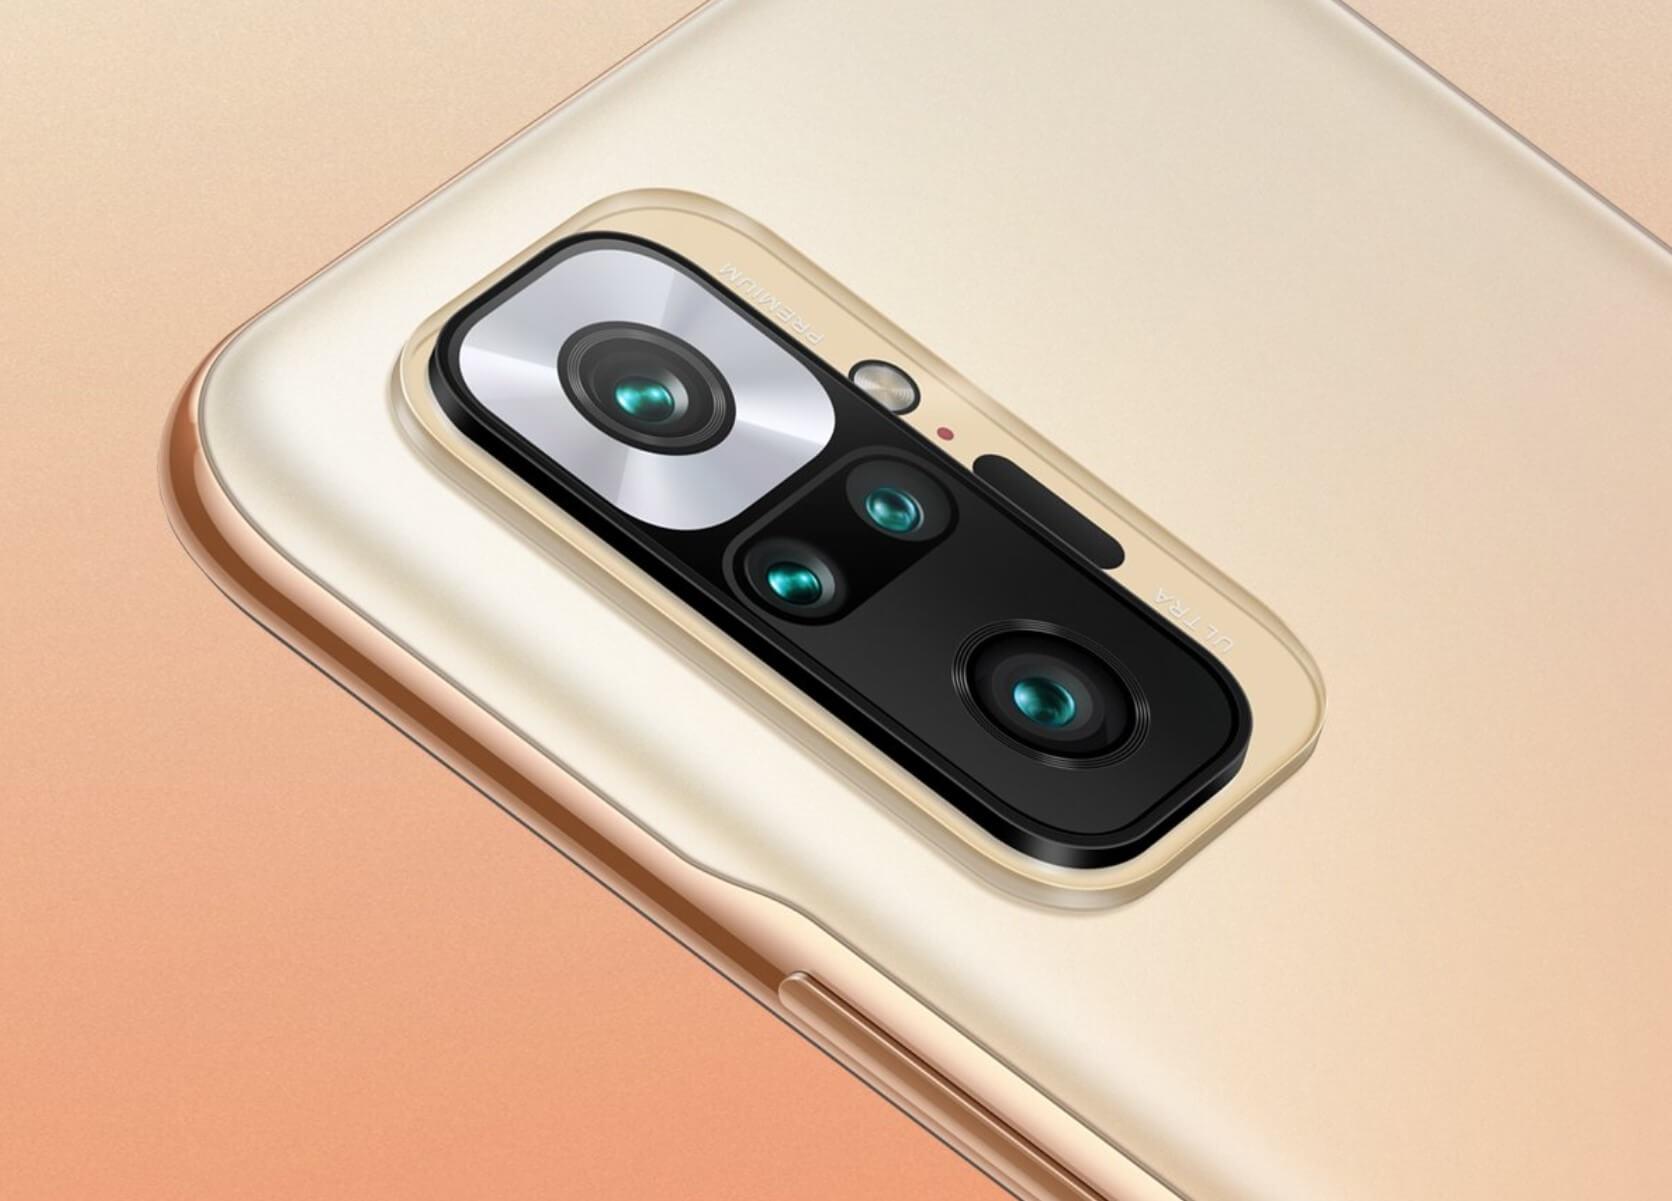 Redmi Note 10 Proのカメラは標準モードで撮影した時に真の力を発揮する